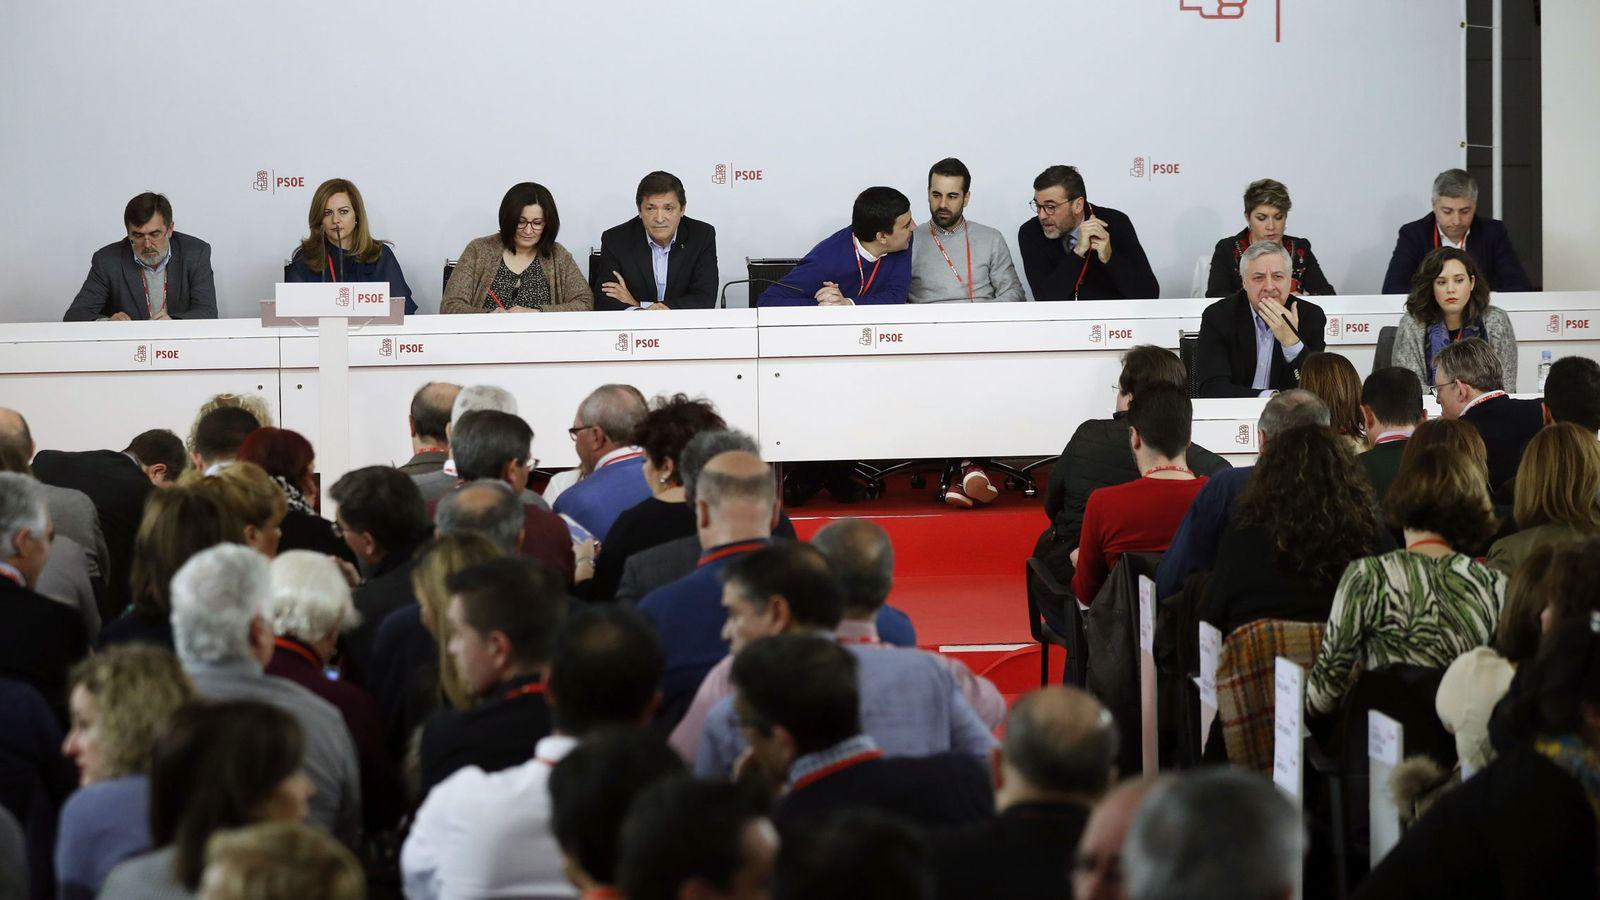 Foto: Javier Fernández, acompañado del resto de los miembros de la gestora, durante el comité federal del PSOE de este 14 de enero. (EFE)